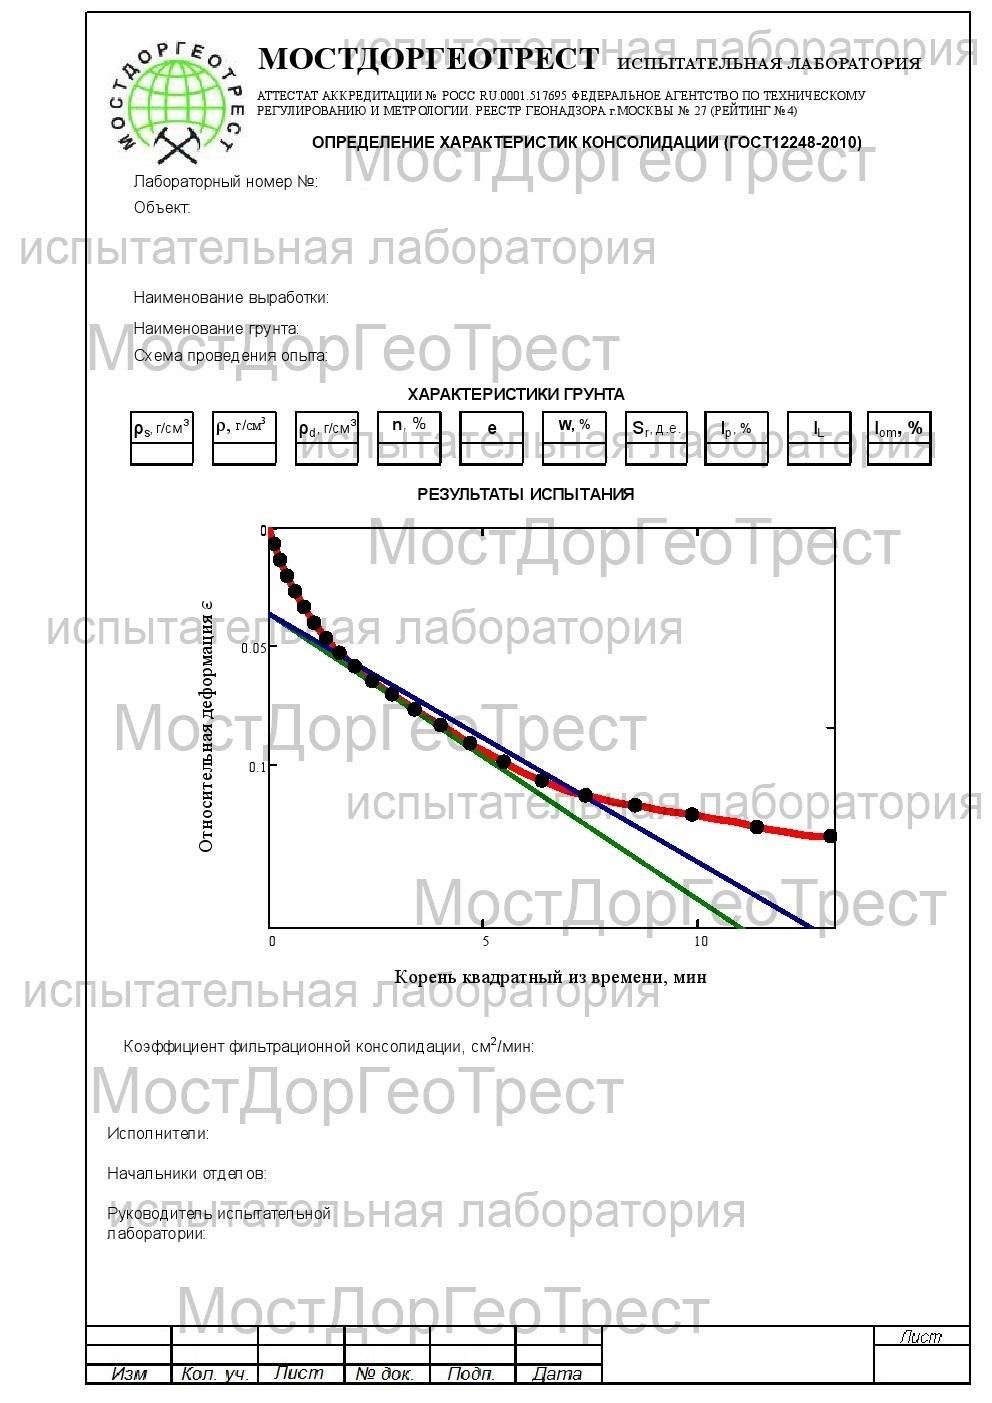 Протокол определения деформационных свойств грунтов методом компрессионного сжатия (ГОСТ 12248-2010)